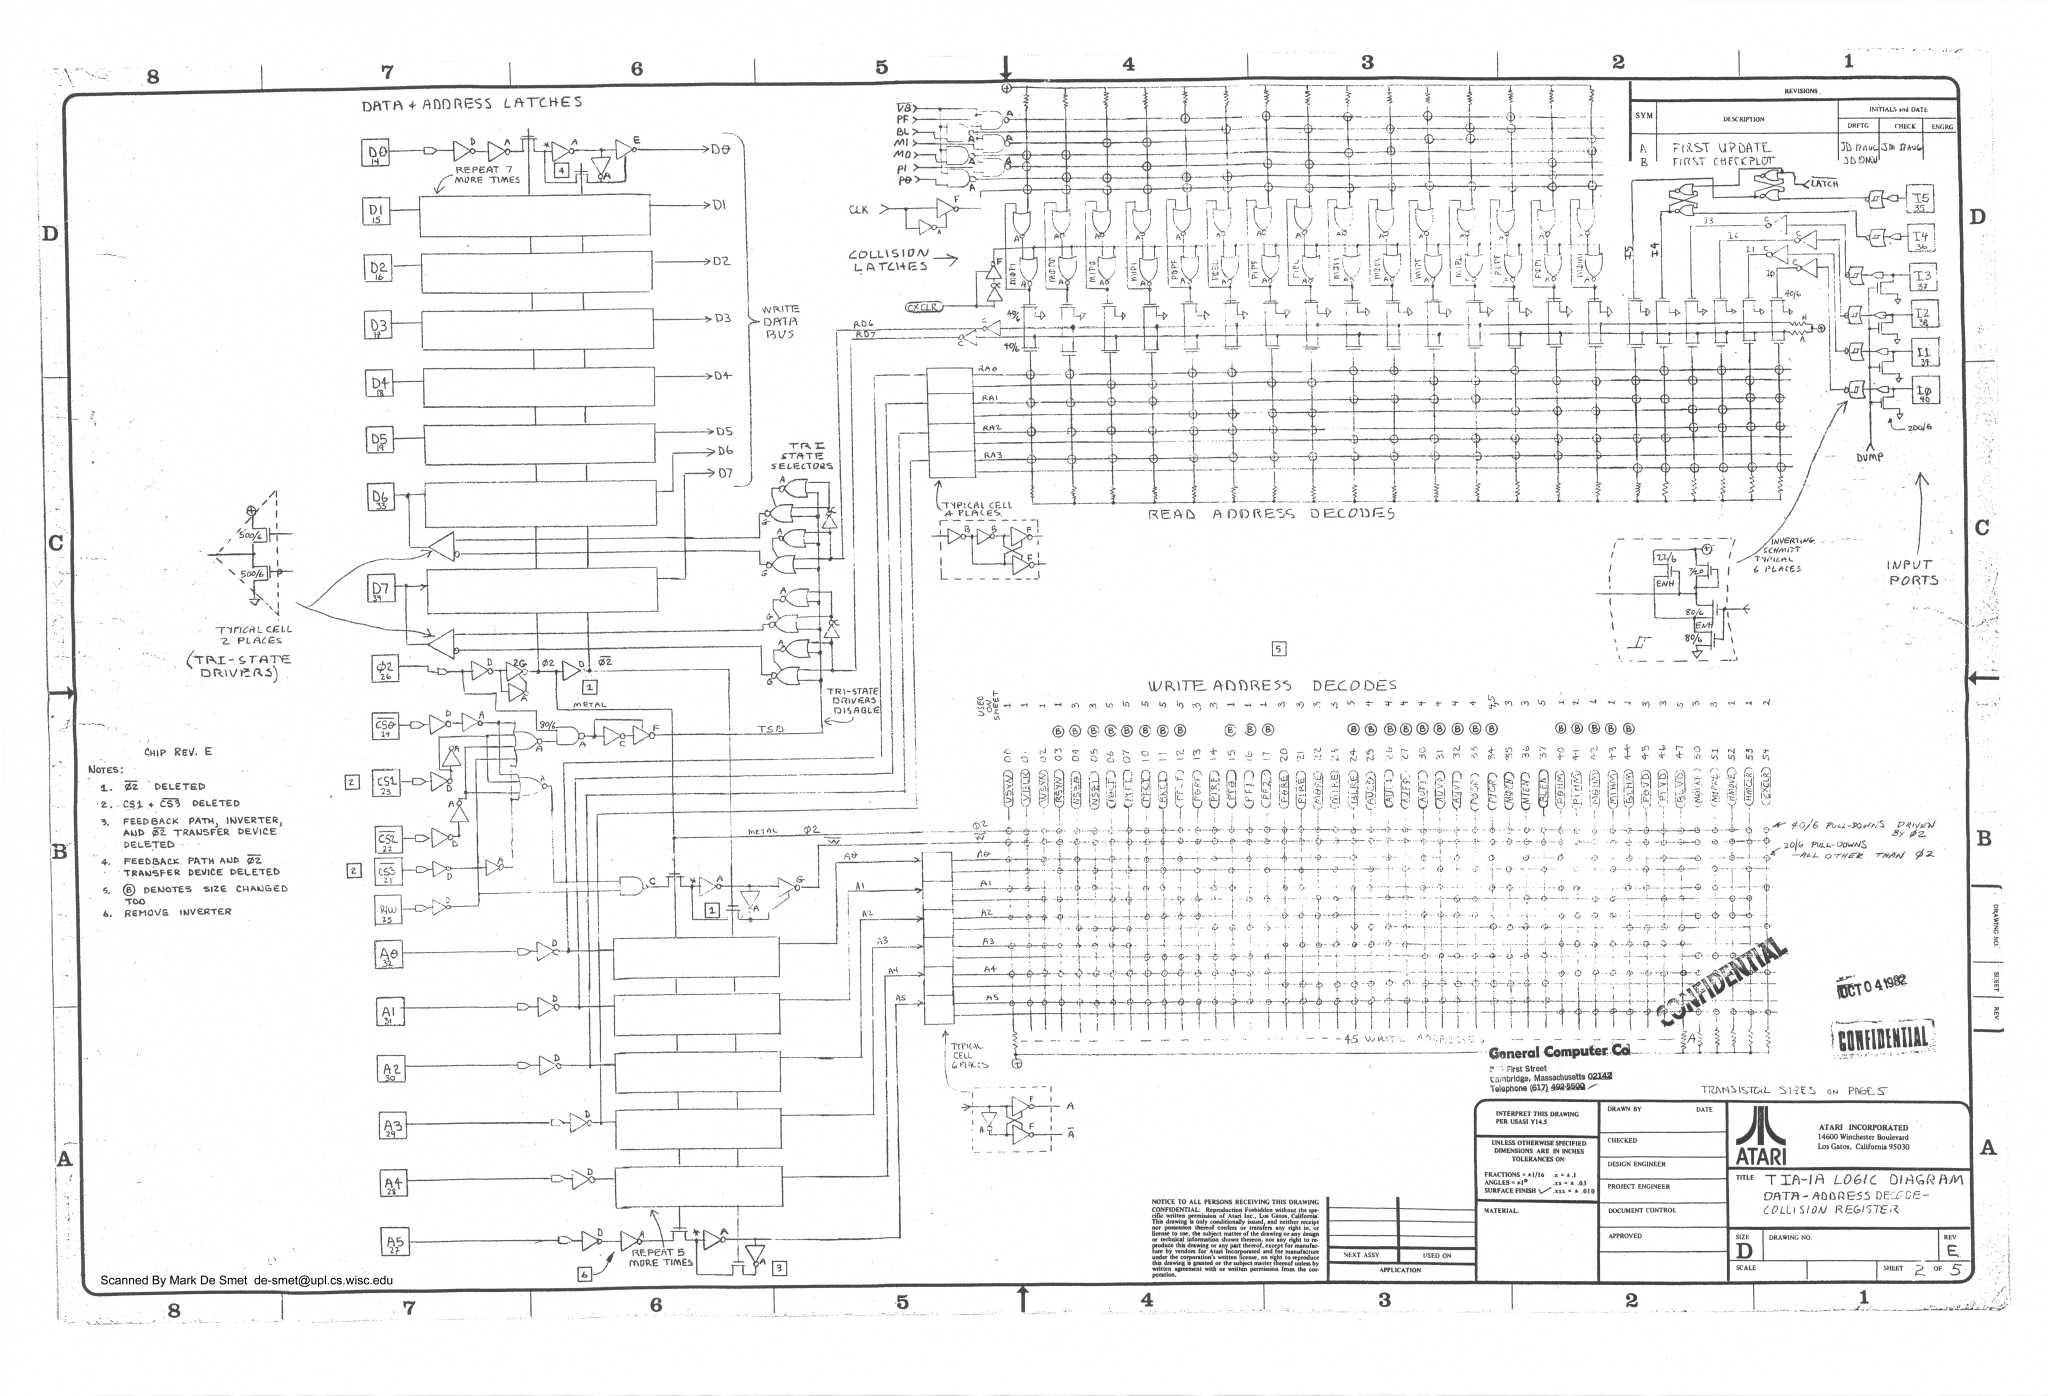 Mikrokomputer cobra 1 12 elektroda mikrokomputer cobra 1 mikrokomputer cobra 1 mikrokomputer cobra 1 ccuart Gallery